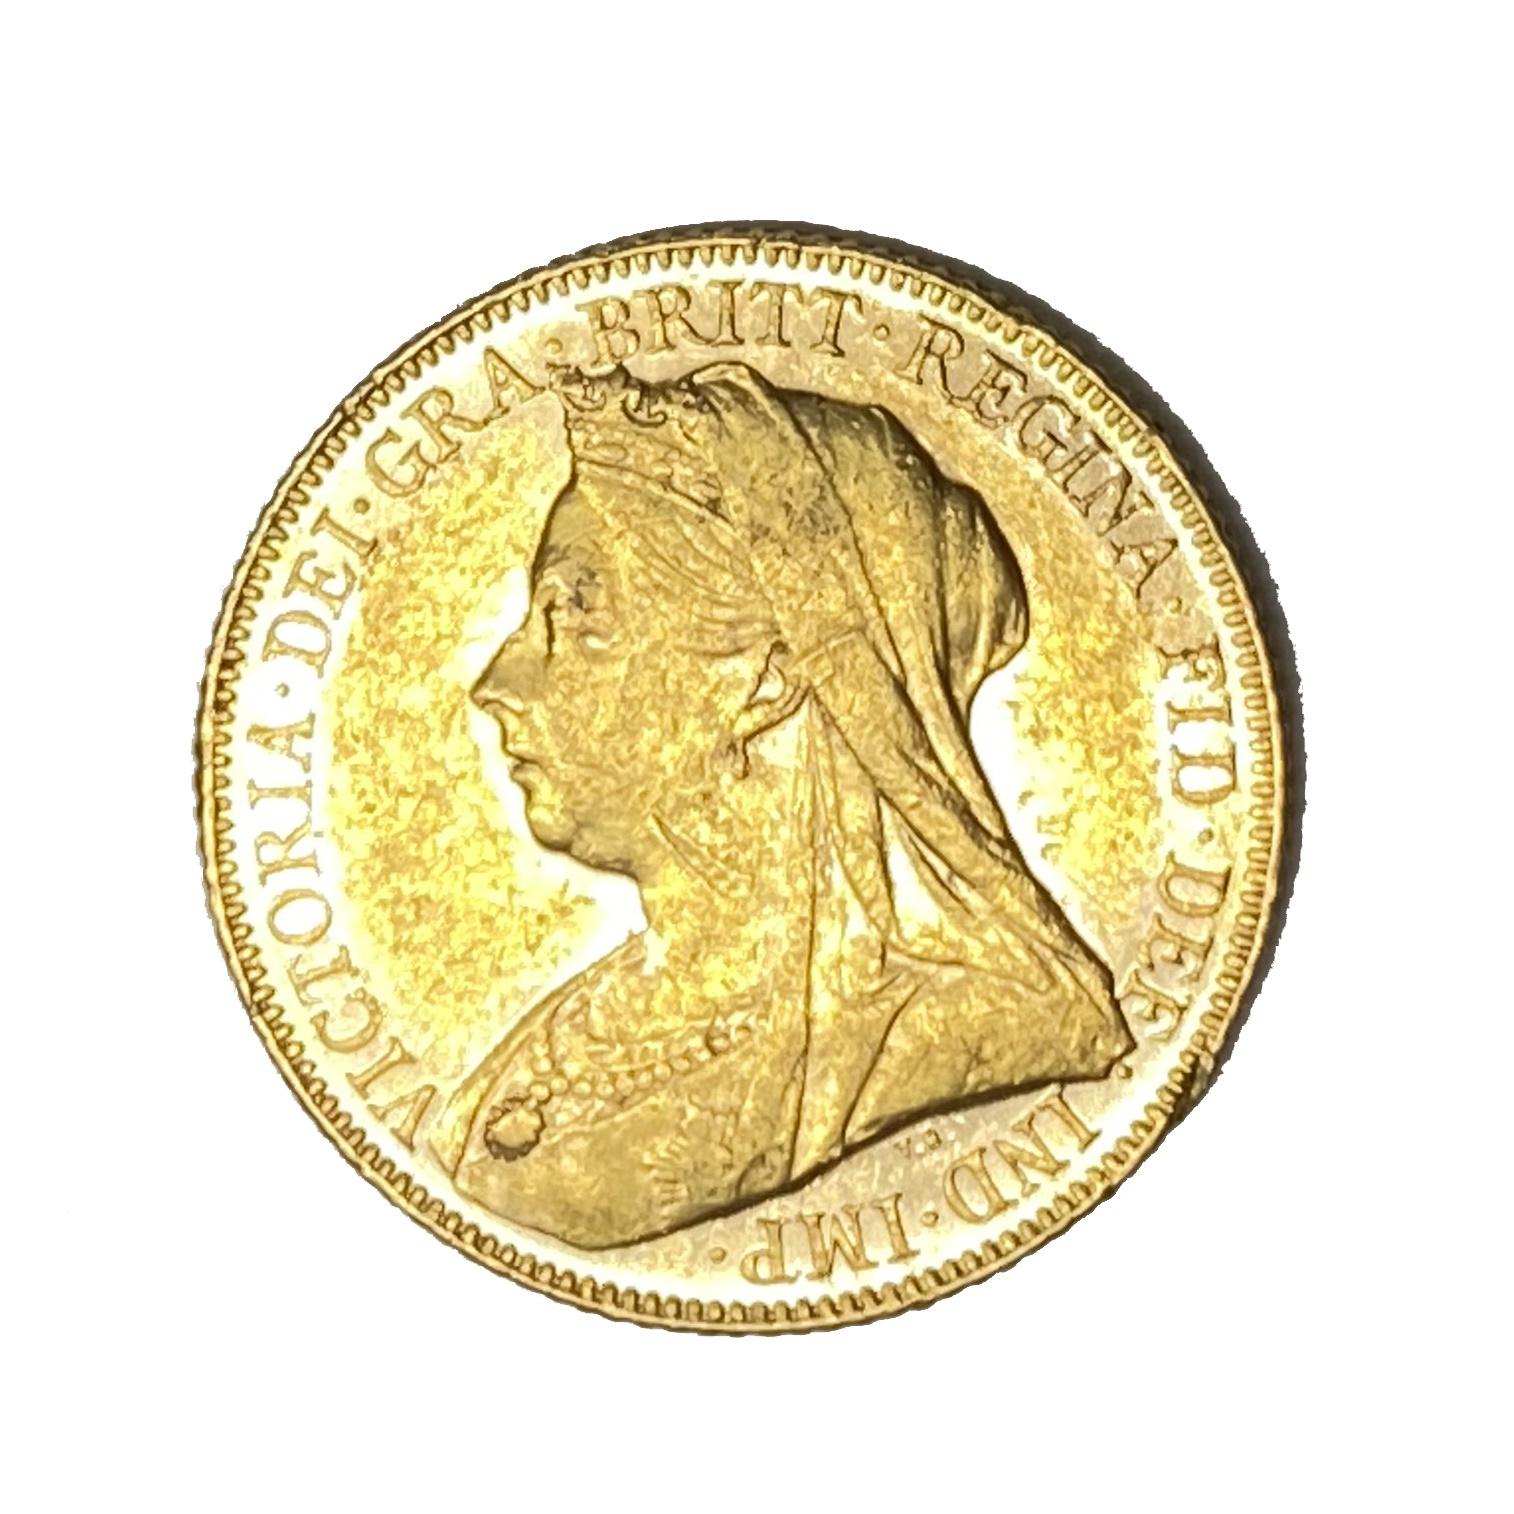 Queen Victoria gold Sovereign coin, 1900